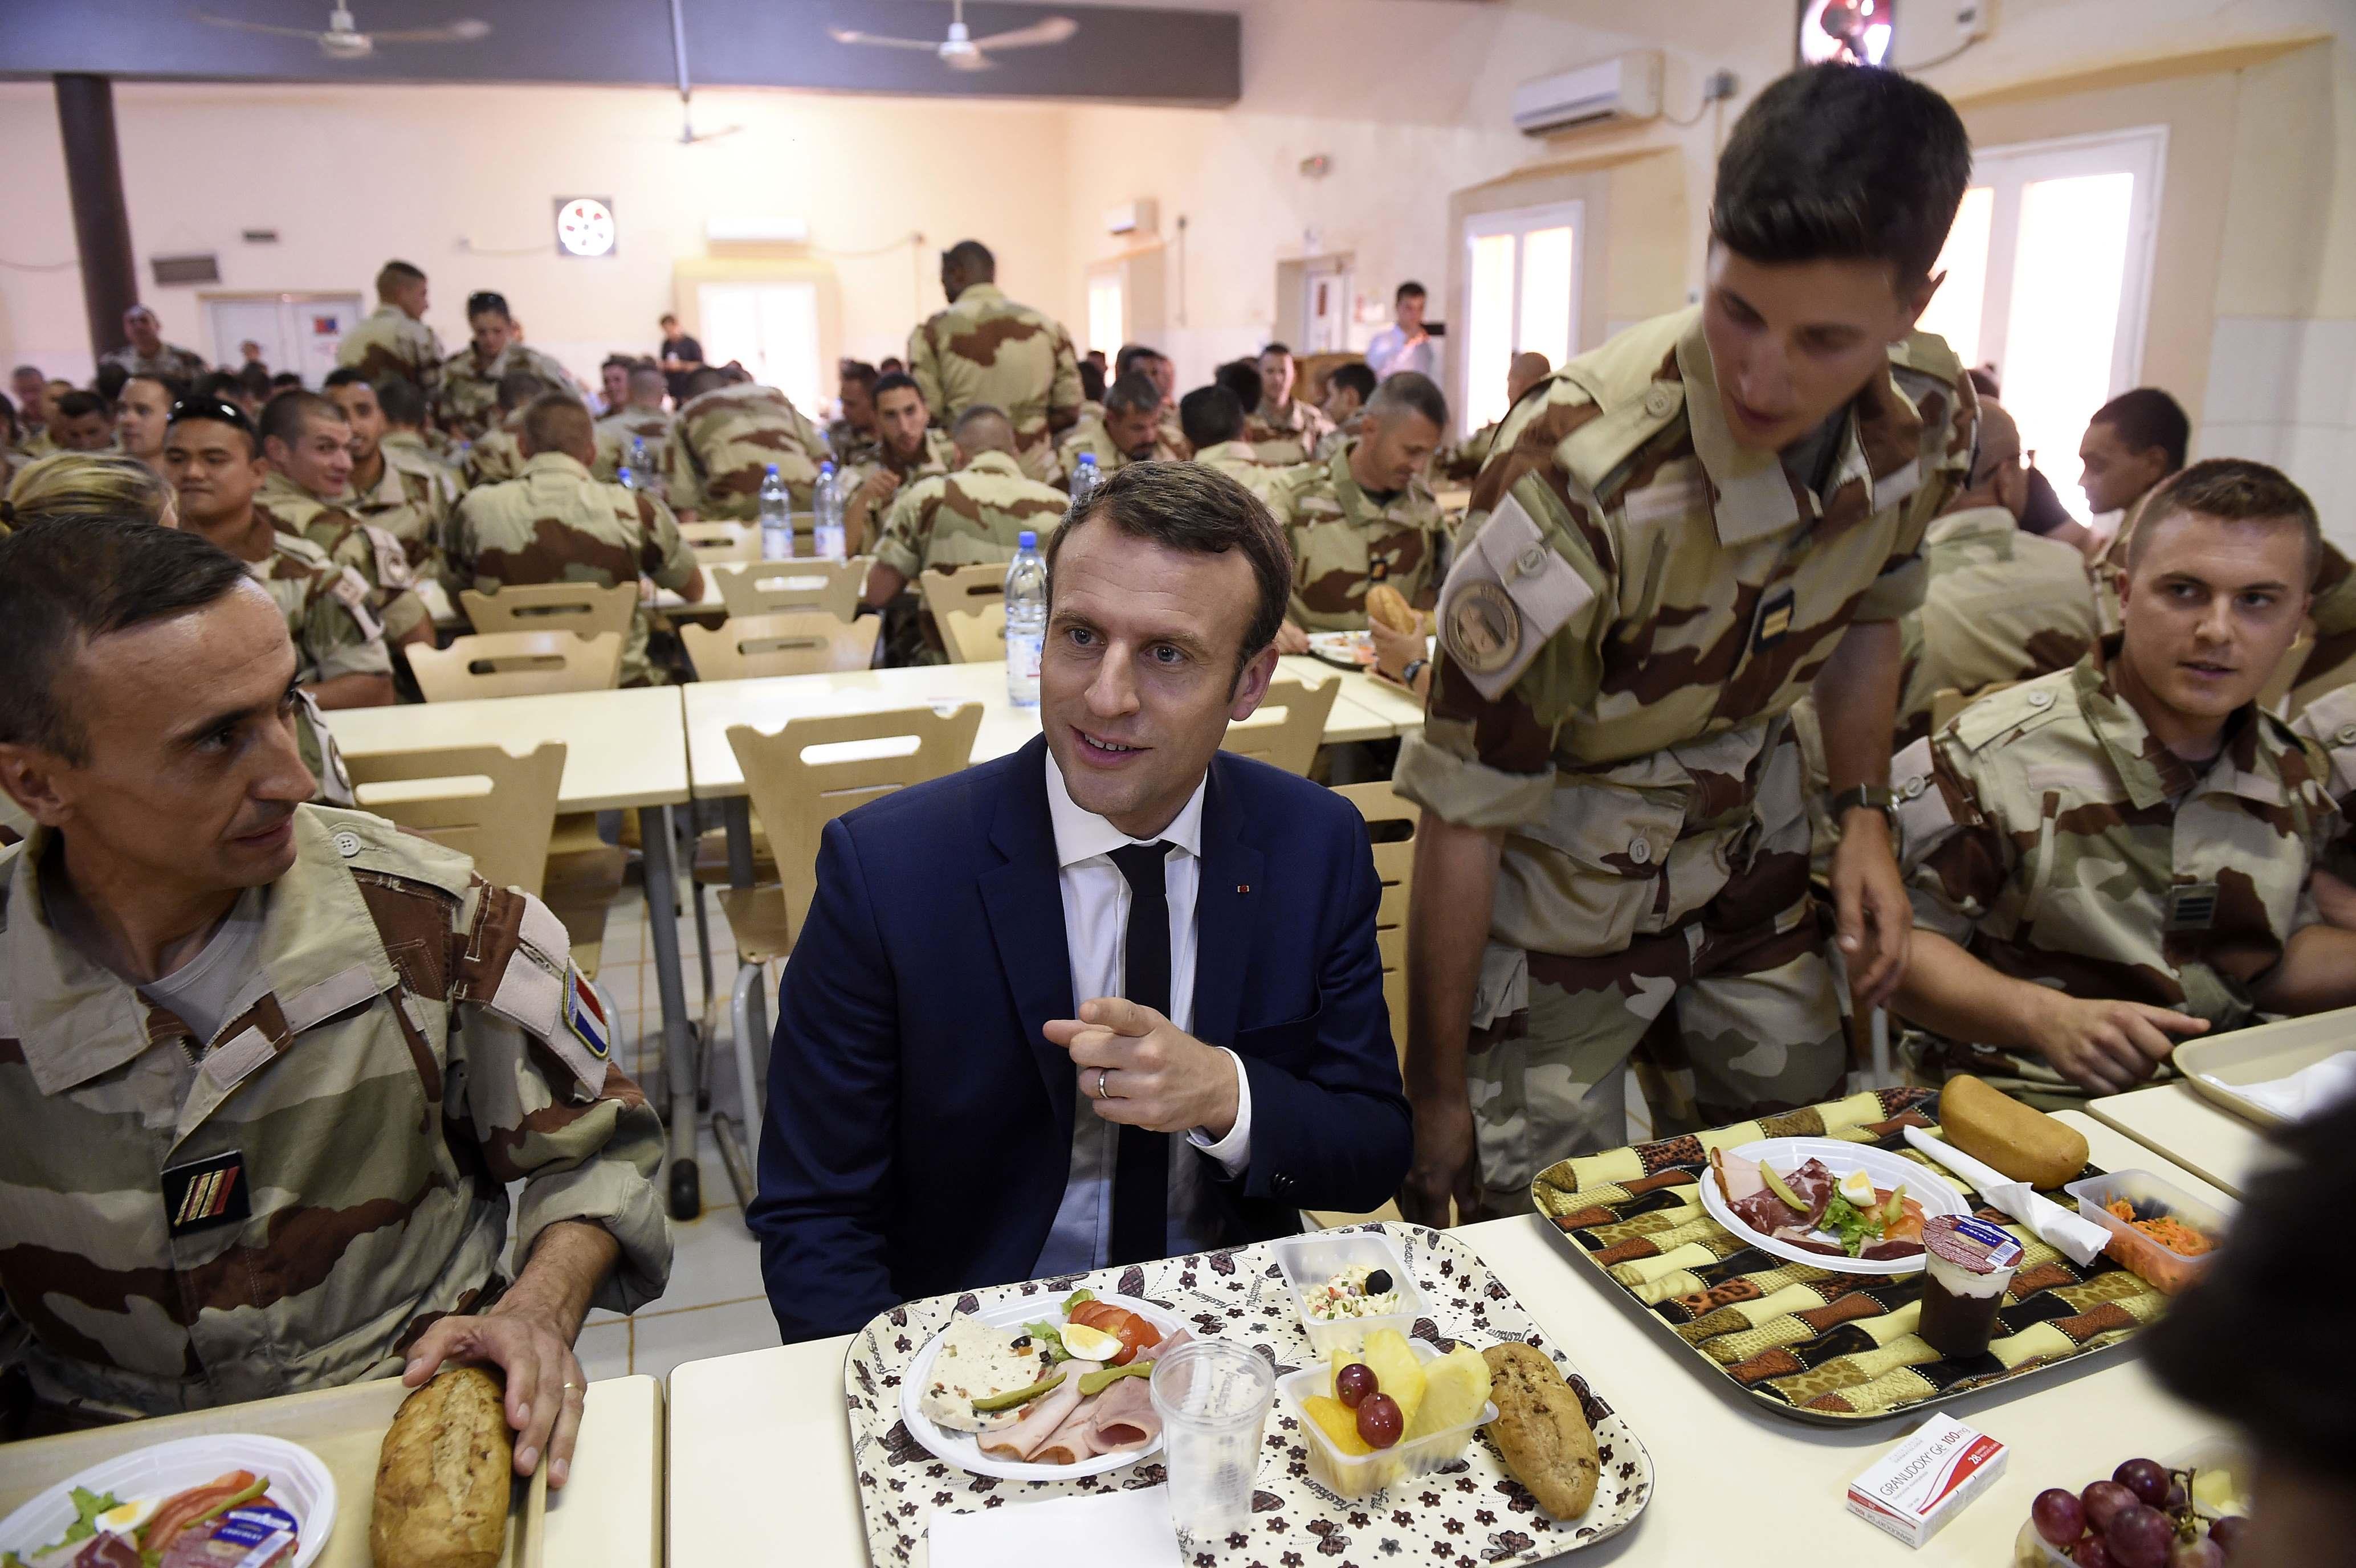 ماكرون يتحدث أثناء  تناول الطعام مع القوات الفرنسية